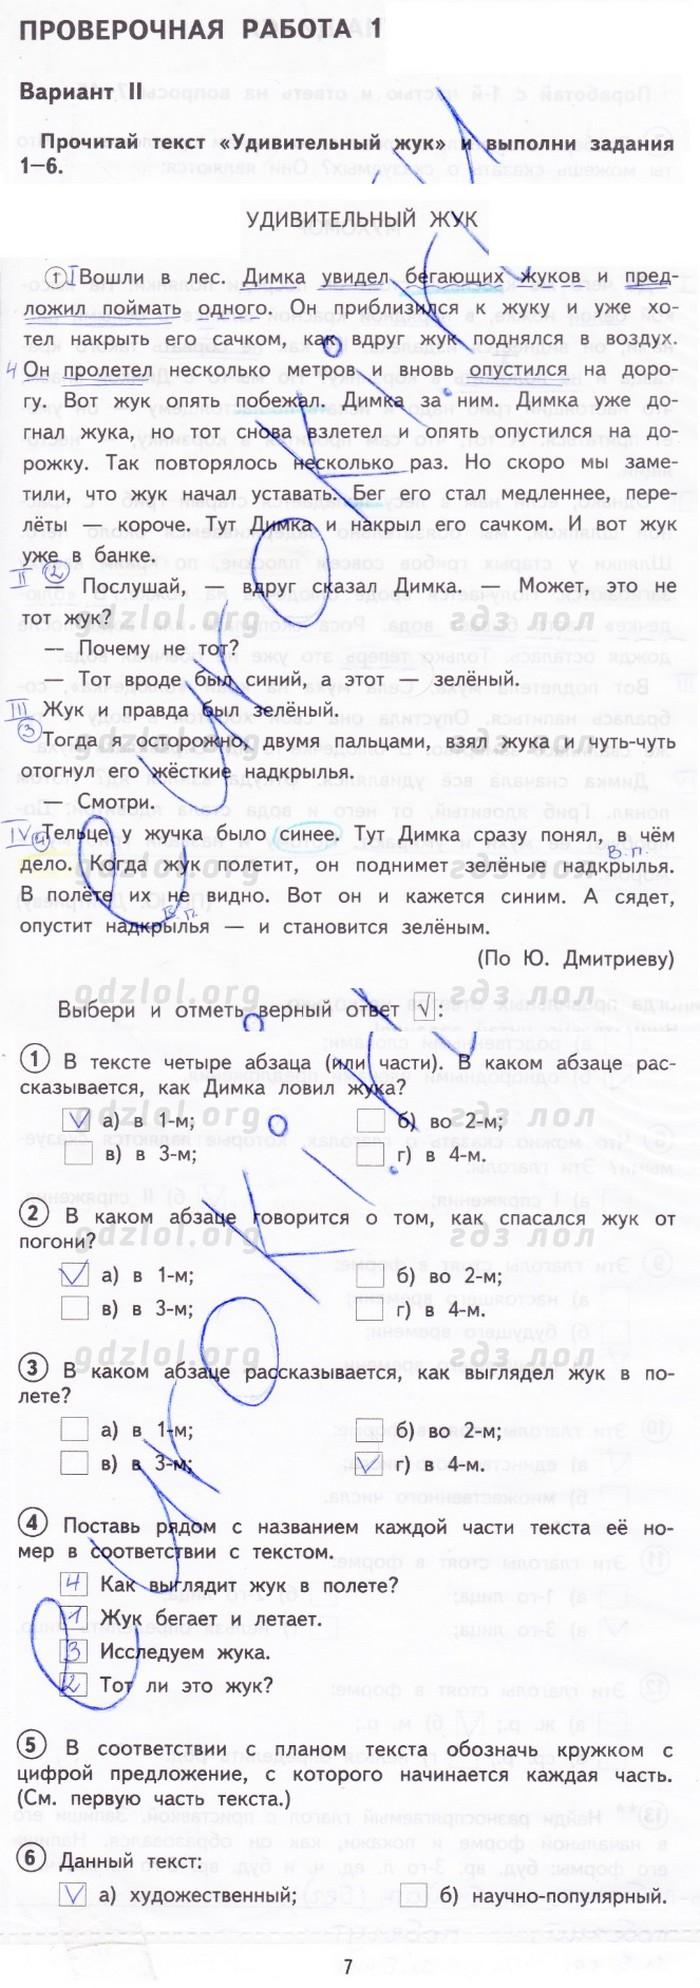 Решебник По Кантрольным Работом3 Класс Русский Язык